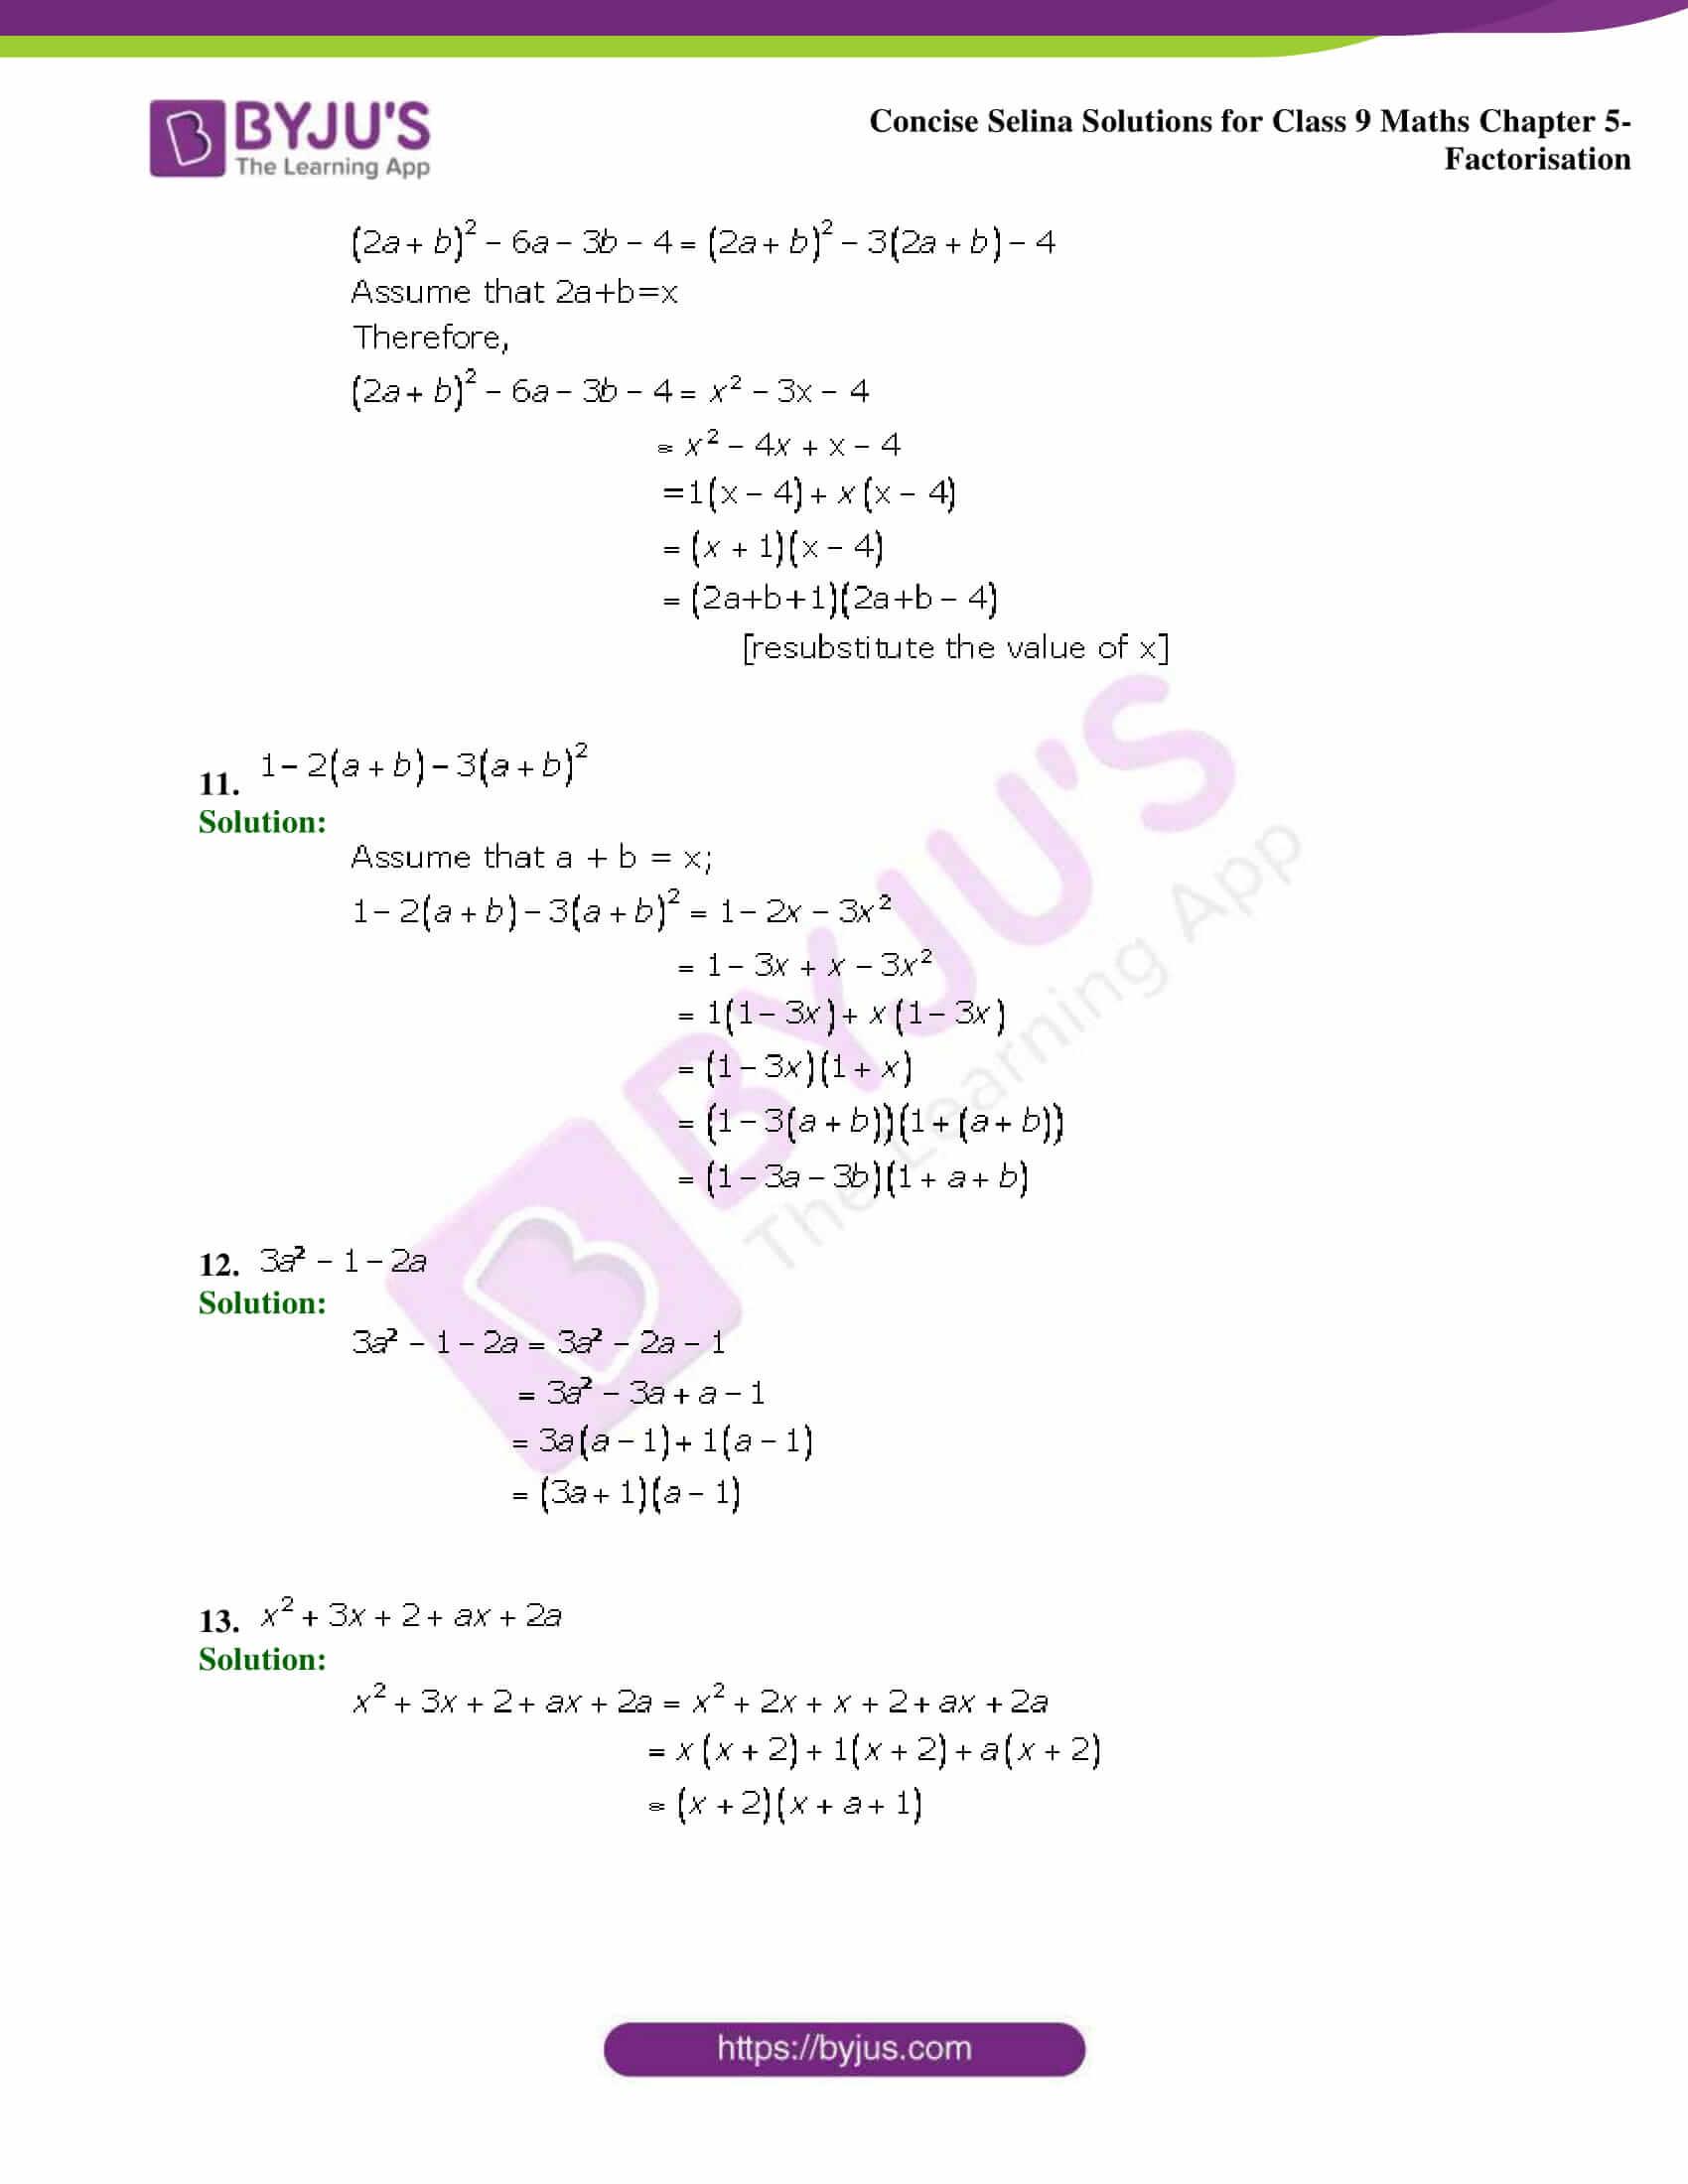 Selina Solutions Class 9 Maths Chapter 5 Factorisation part 07